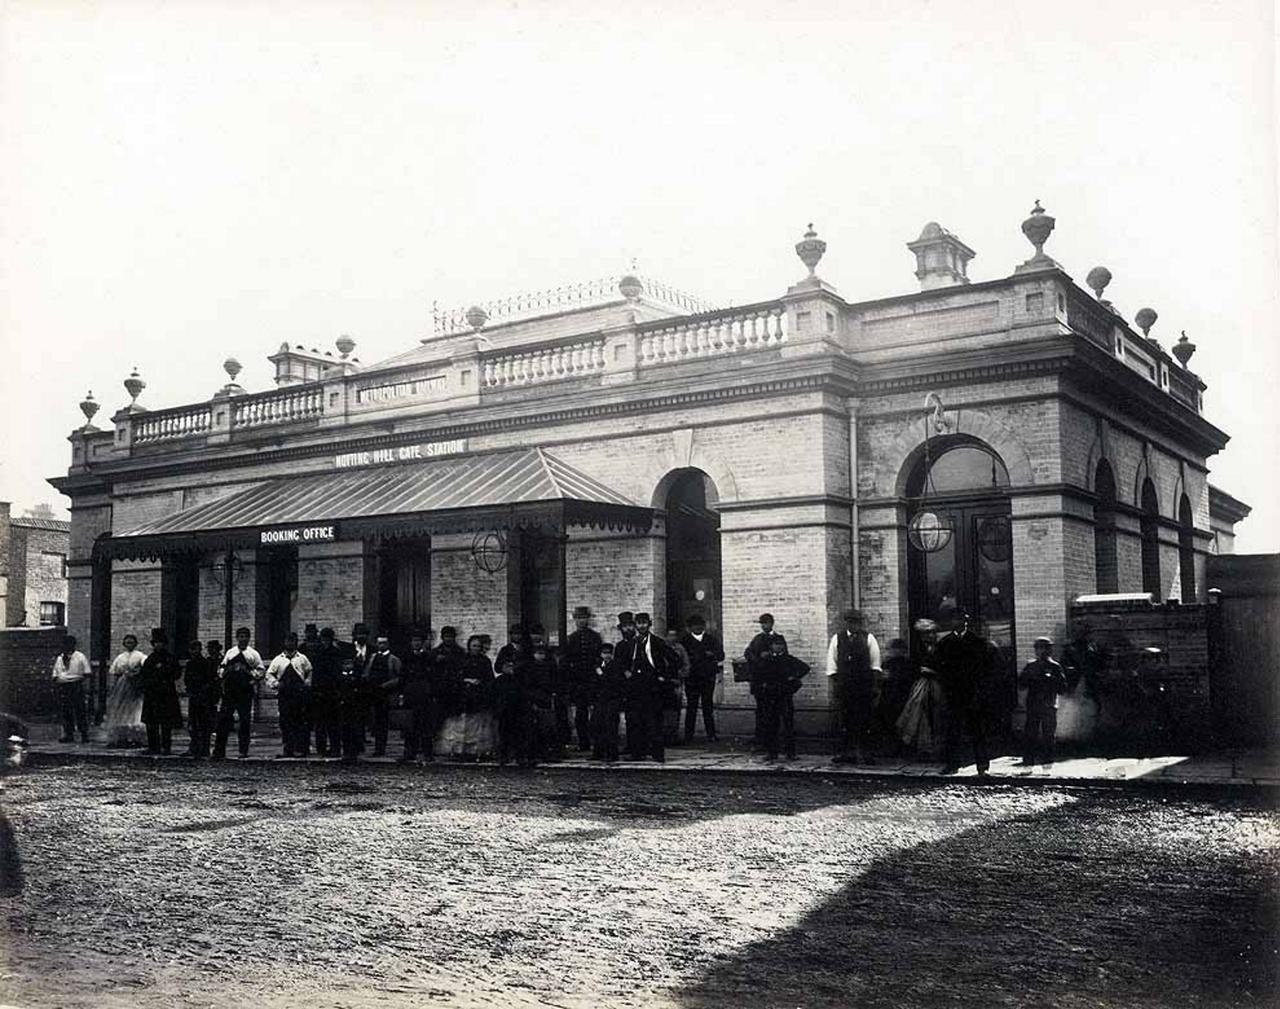 1866. Станция «Ноттинг-хилл Гейт»